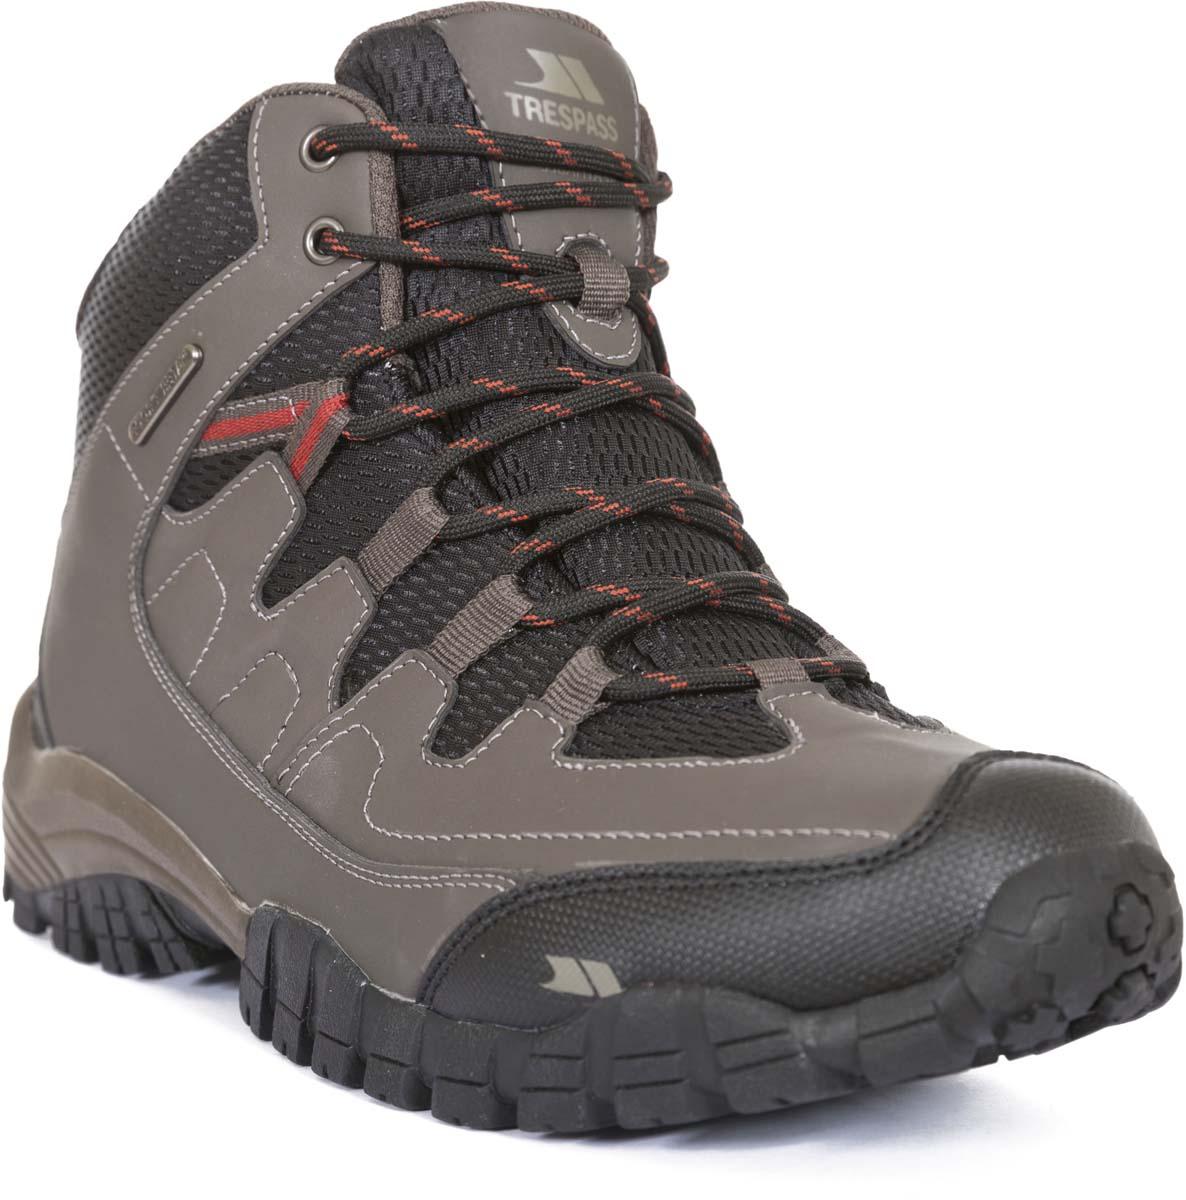 Ботинки трекинговые мужские Trespass Finley, цвет: бежевый. MAFOBOM30005. Размер 41MAFOBOM30005ехнологичные трекинговые ботинки от Trespass выполнены из мембранного материала. Утеплены микроволоконным утеплителем. На ноге фиксируются при помощи шнуровки.